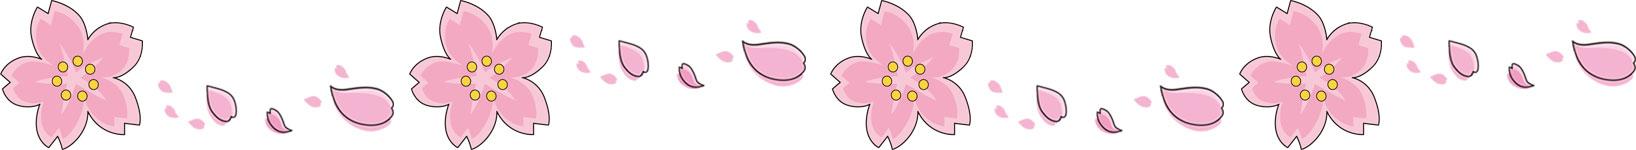 画像サンプル-横線:さくらの花びら